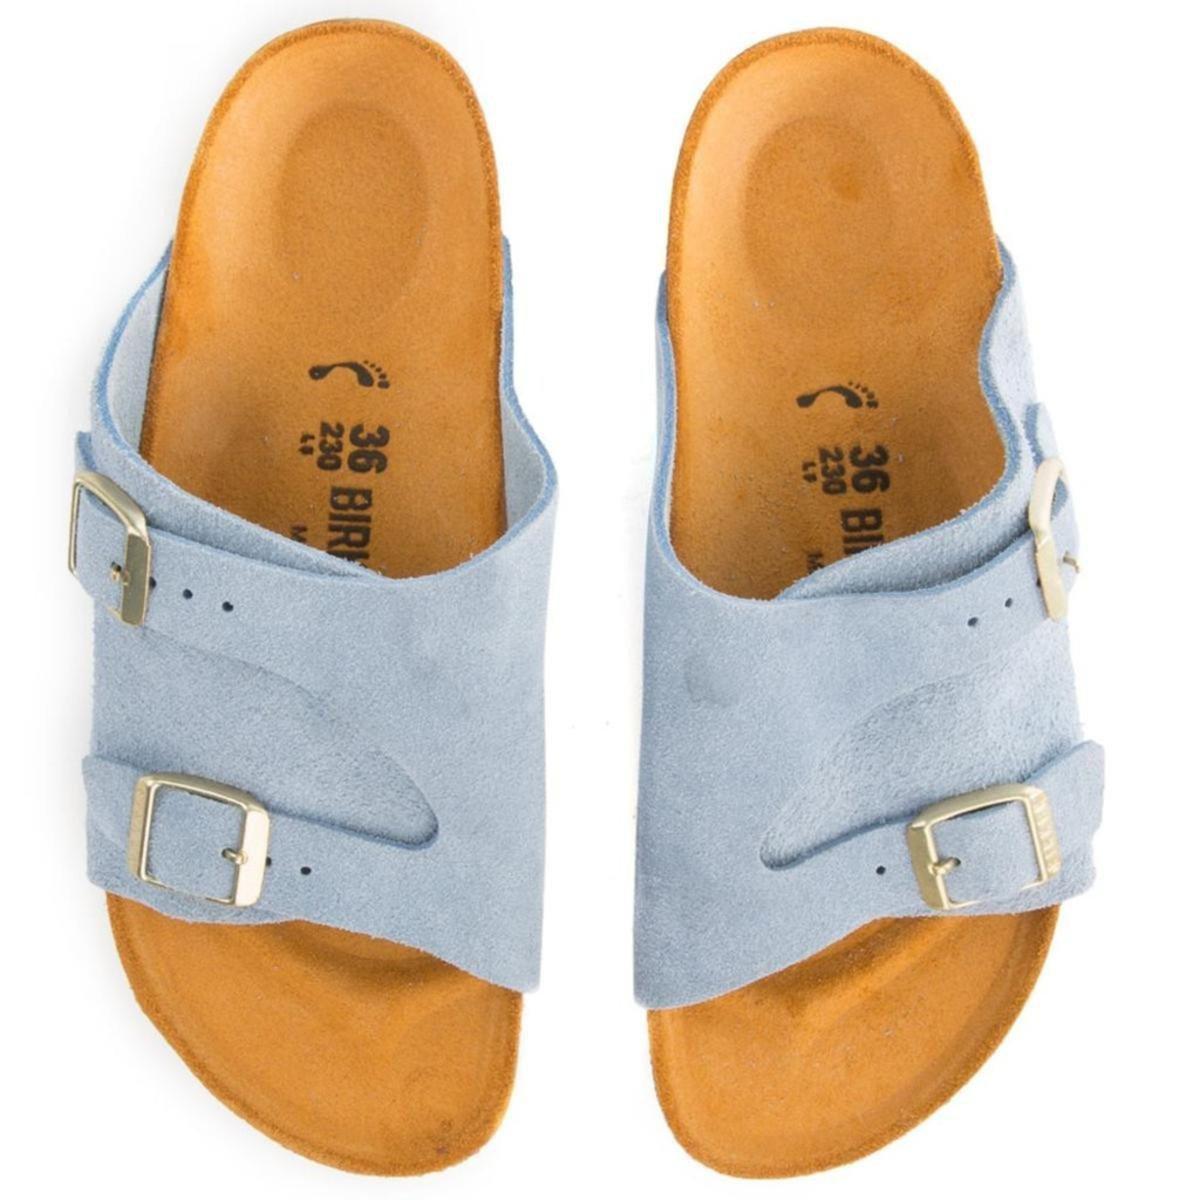 Birkenstock Zurich Blue Suede Sandals